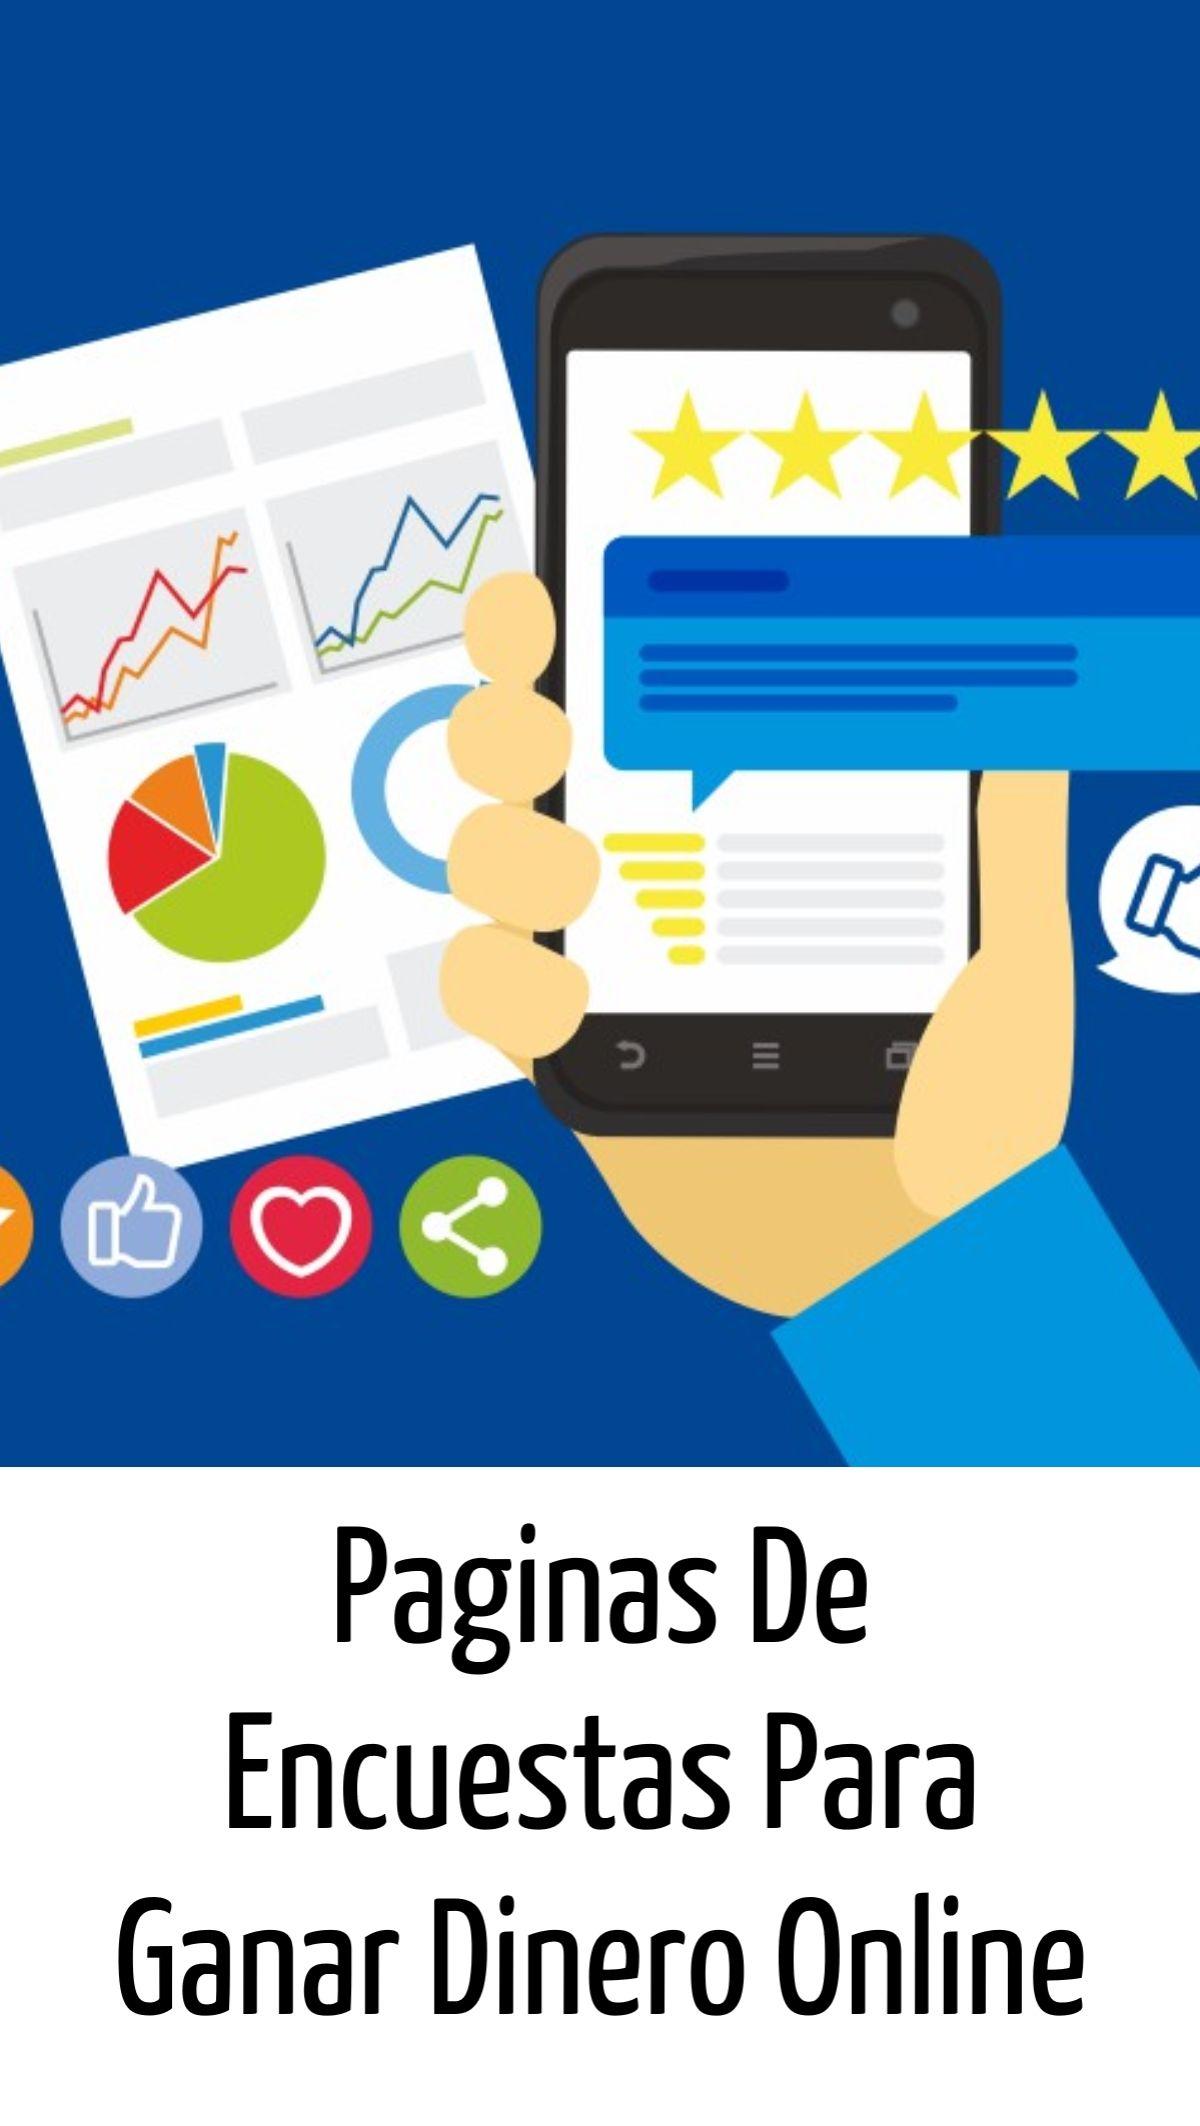 Descubre Las Mejores Paginas De Encuestas Para Ganar Dinero Online